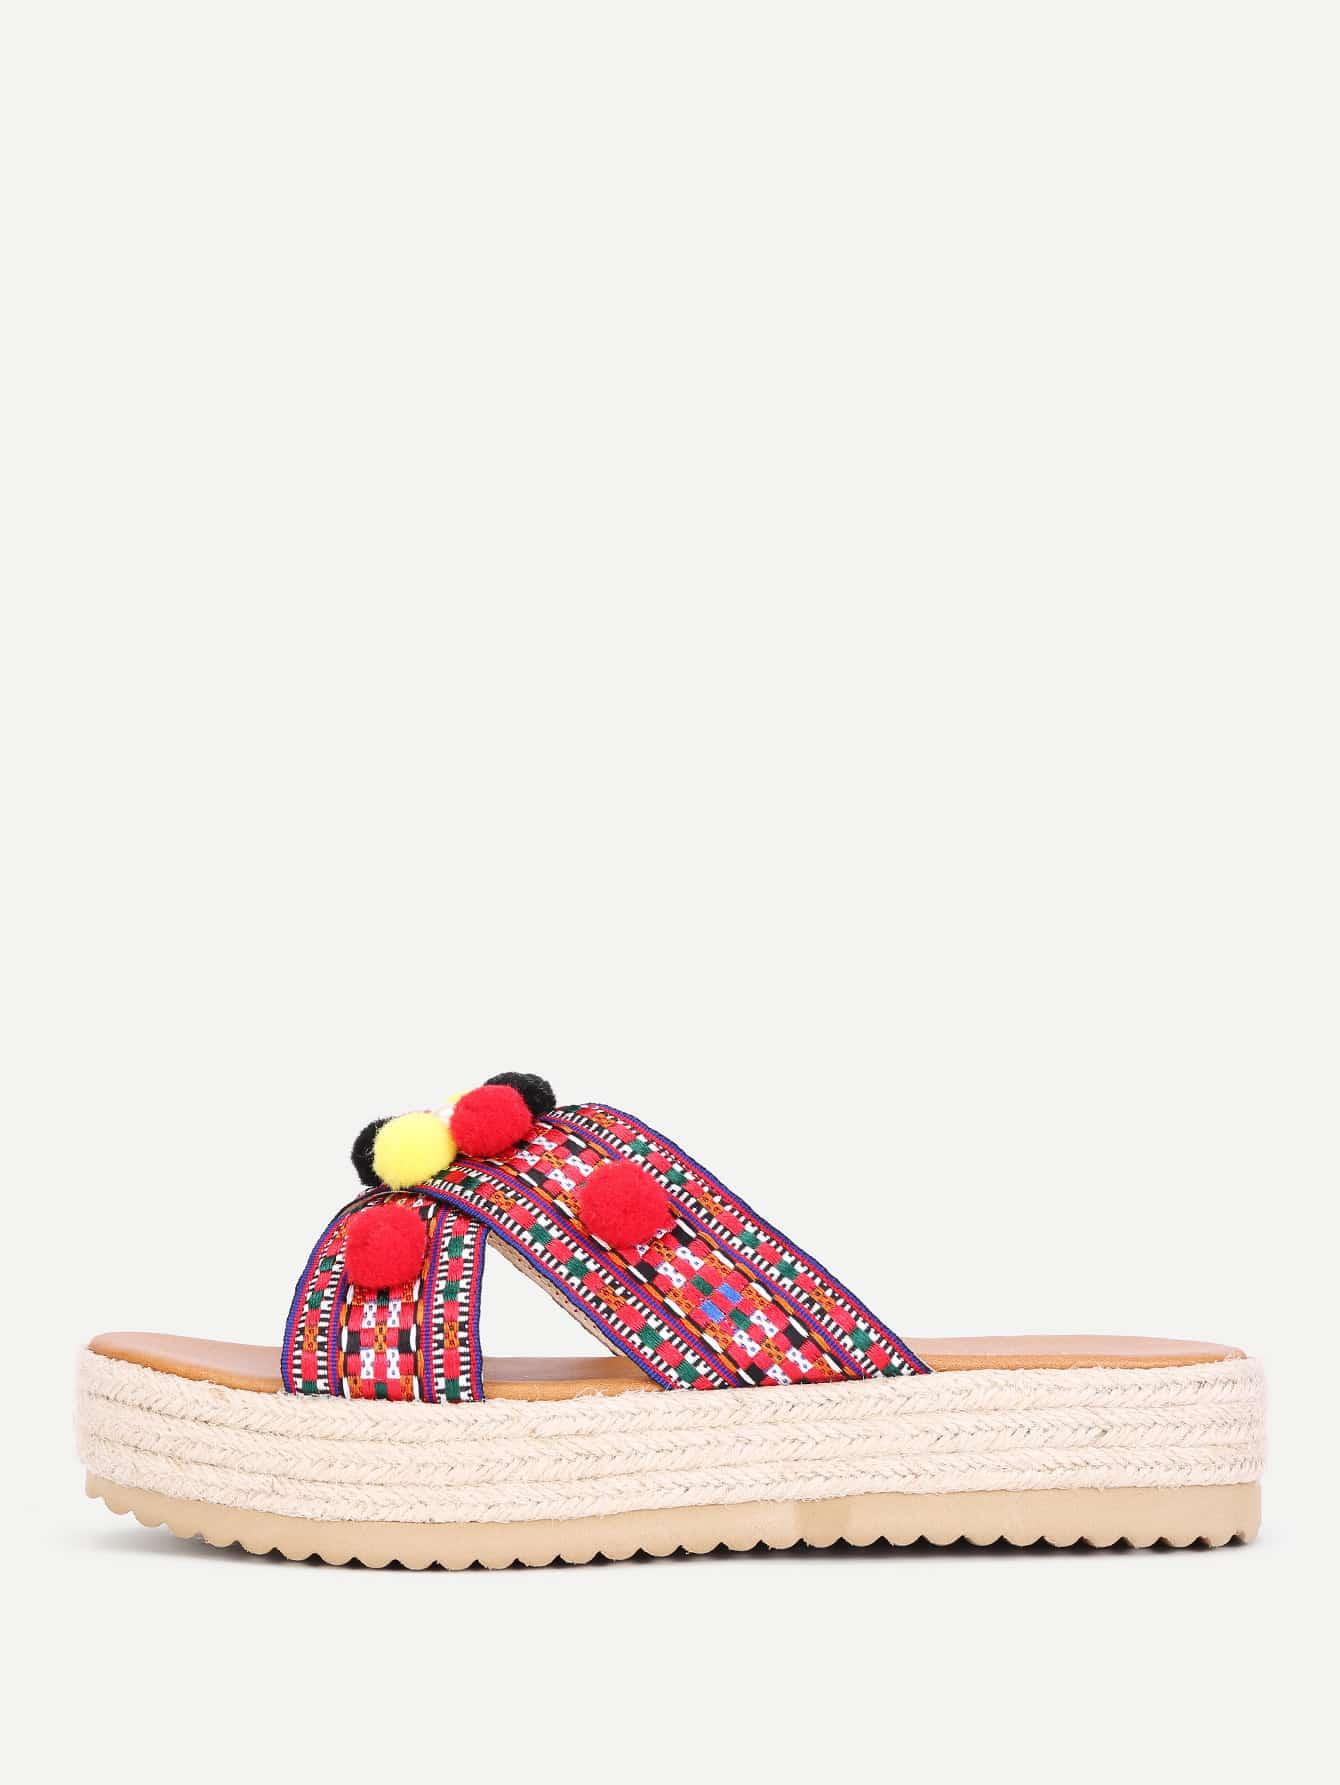 Faux Pearl & Pom Pom Decorated Flat Sandals pom pom decorated hair tie